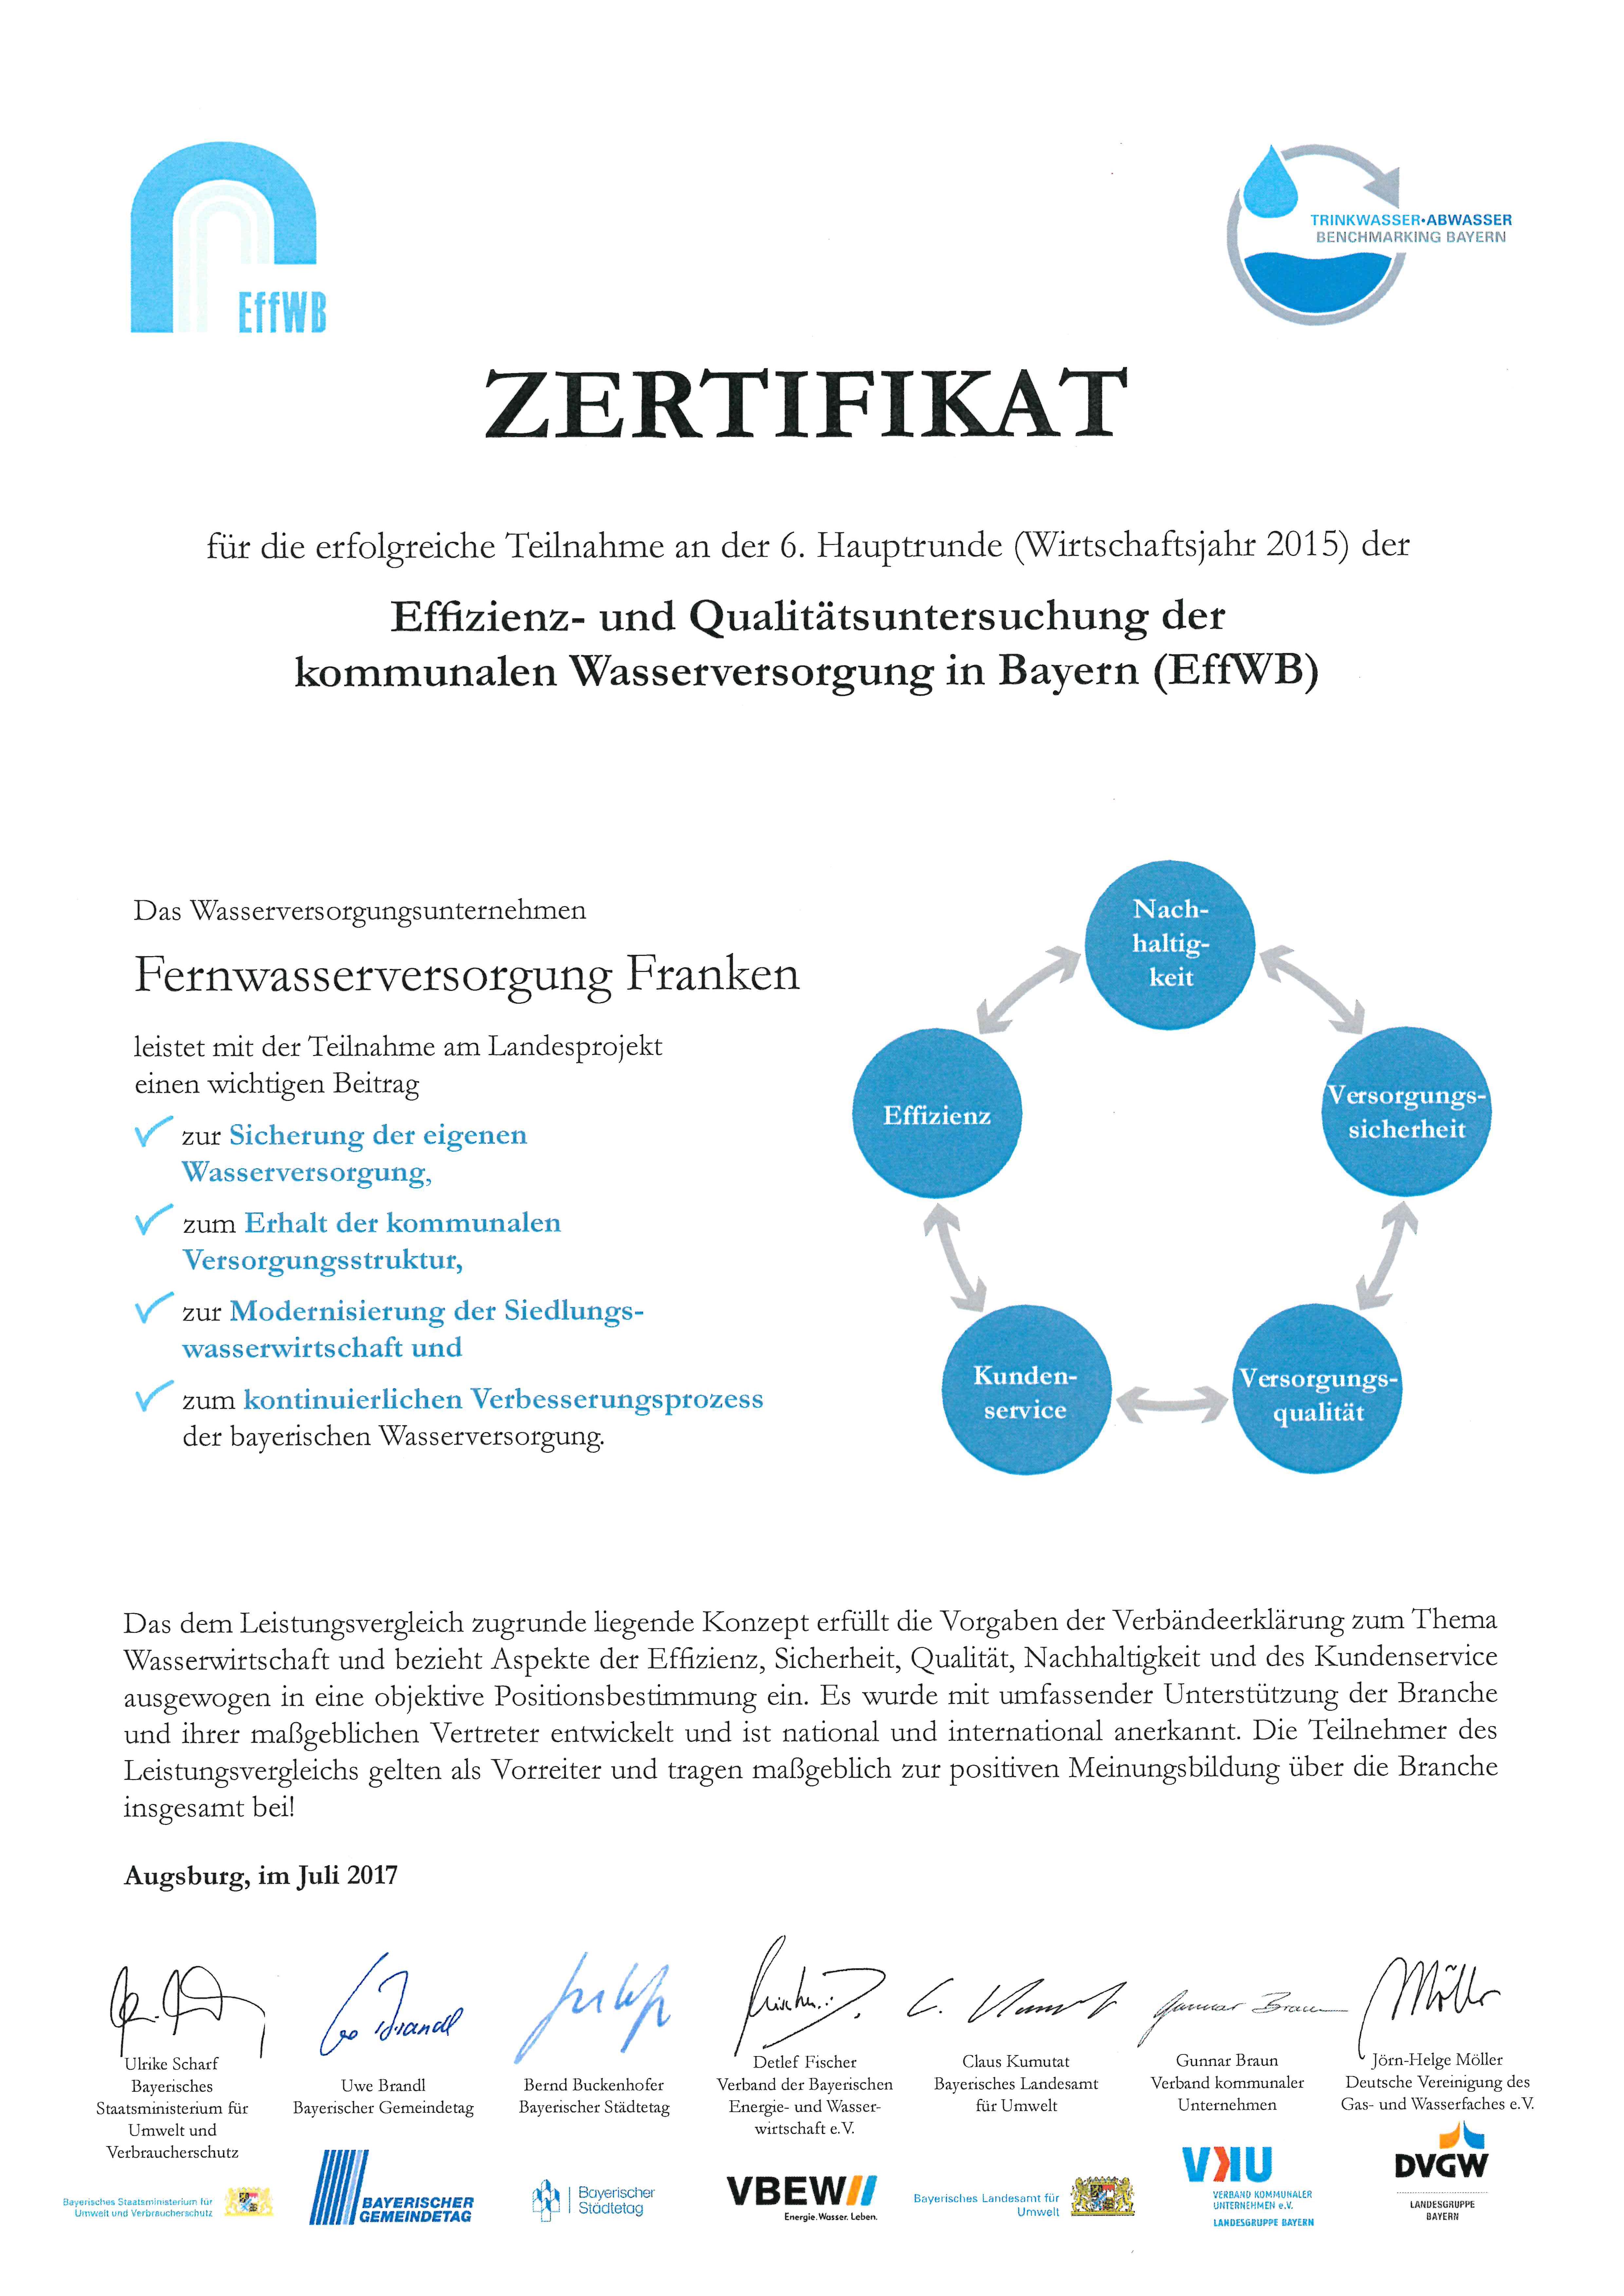 Projekte und Auszeichnungen - Fernwasserversorgung Franken (FWF)